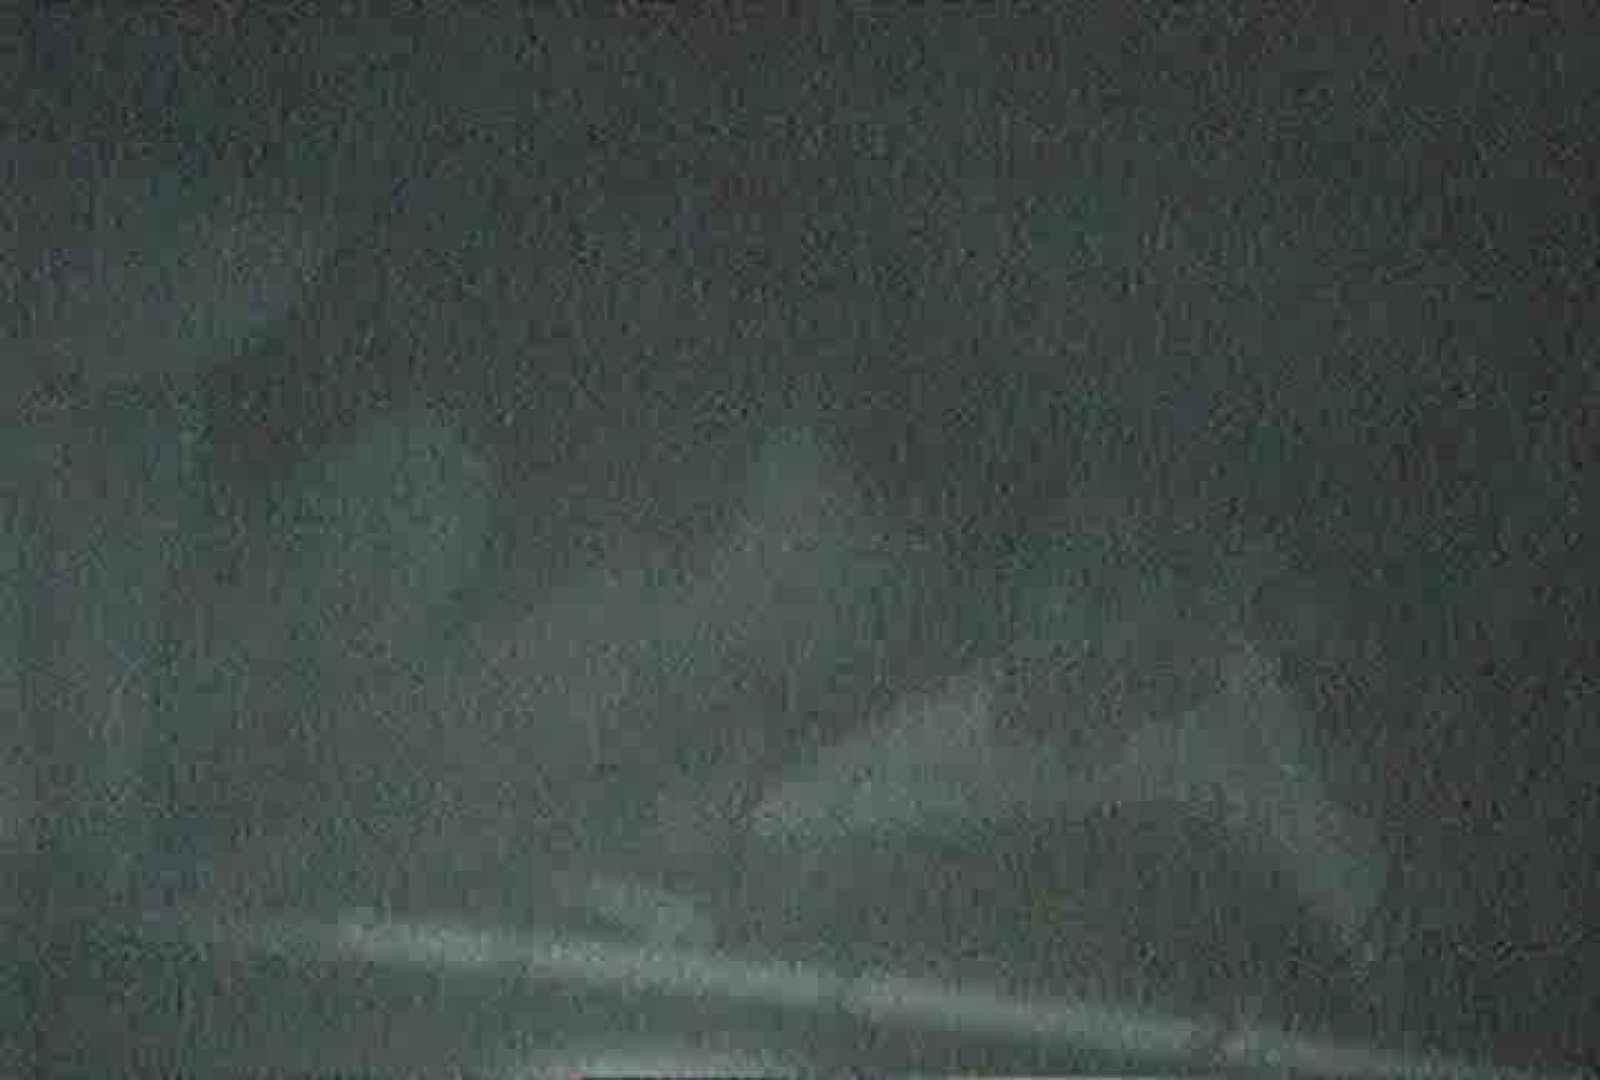 充血監督の深夜の運動会Vol.57 ギャルの実態 のぞき動画画像 73pic 22